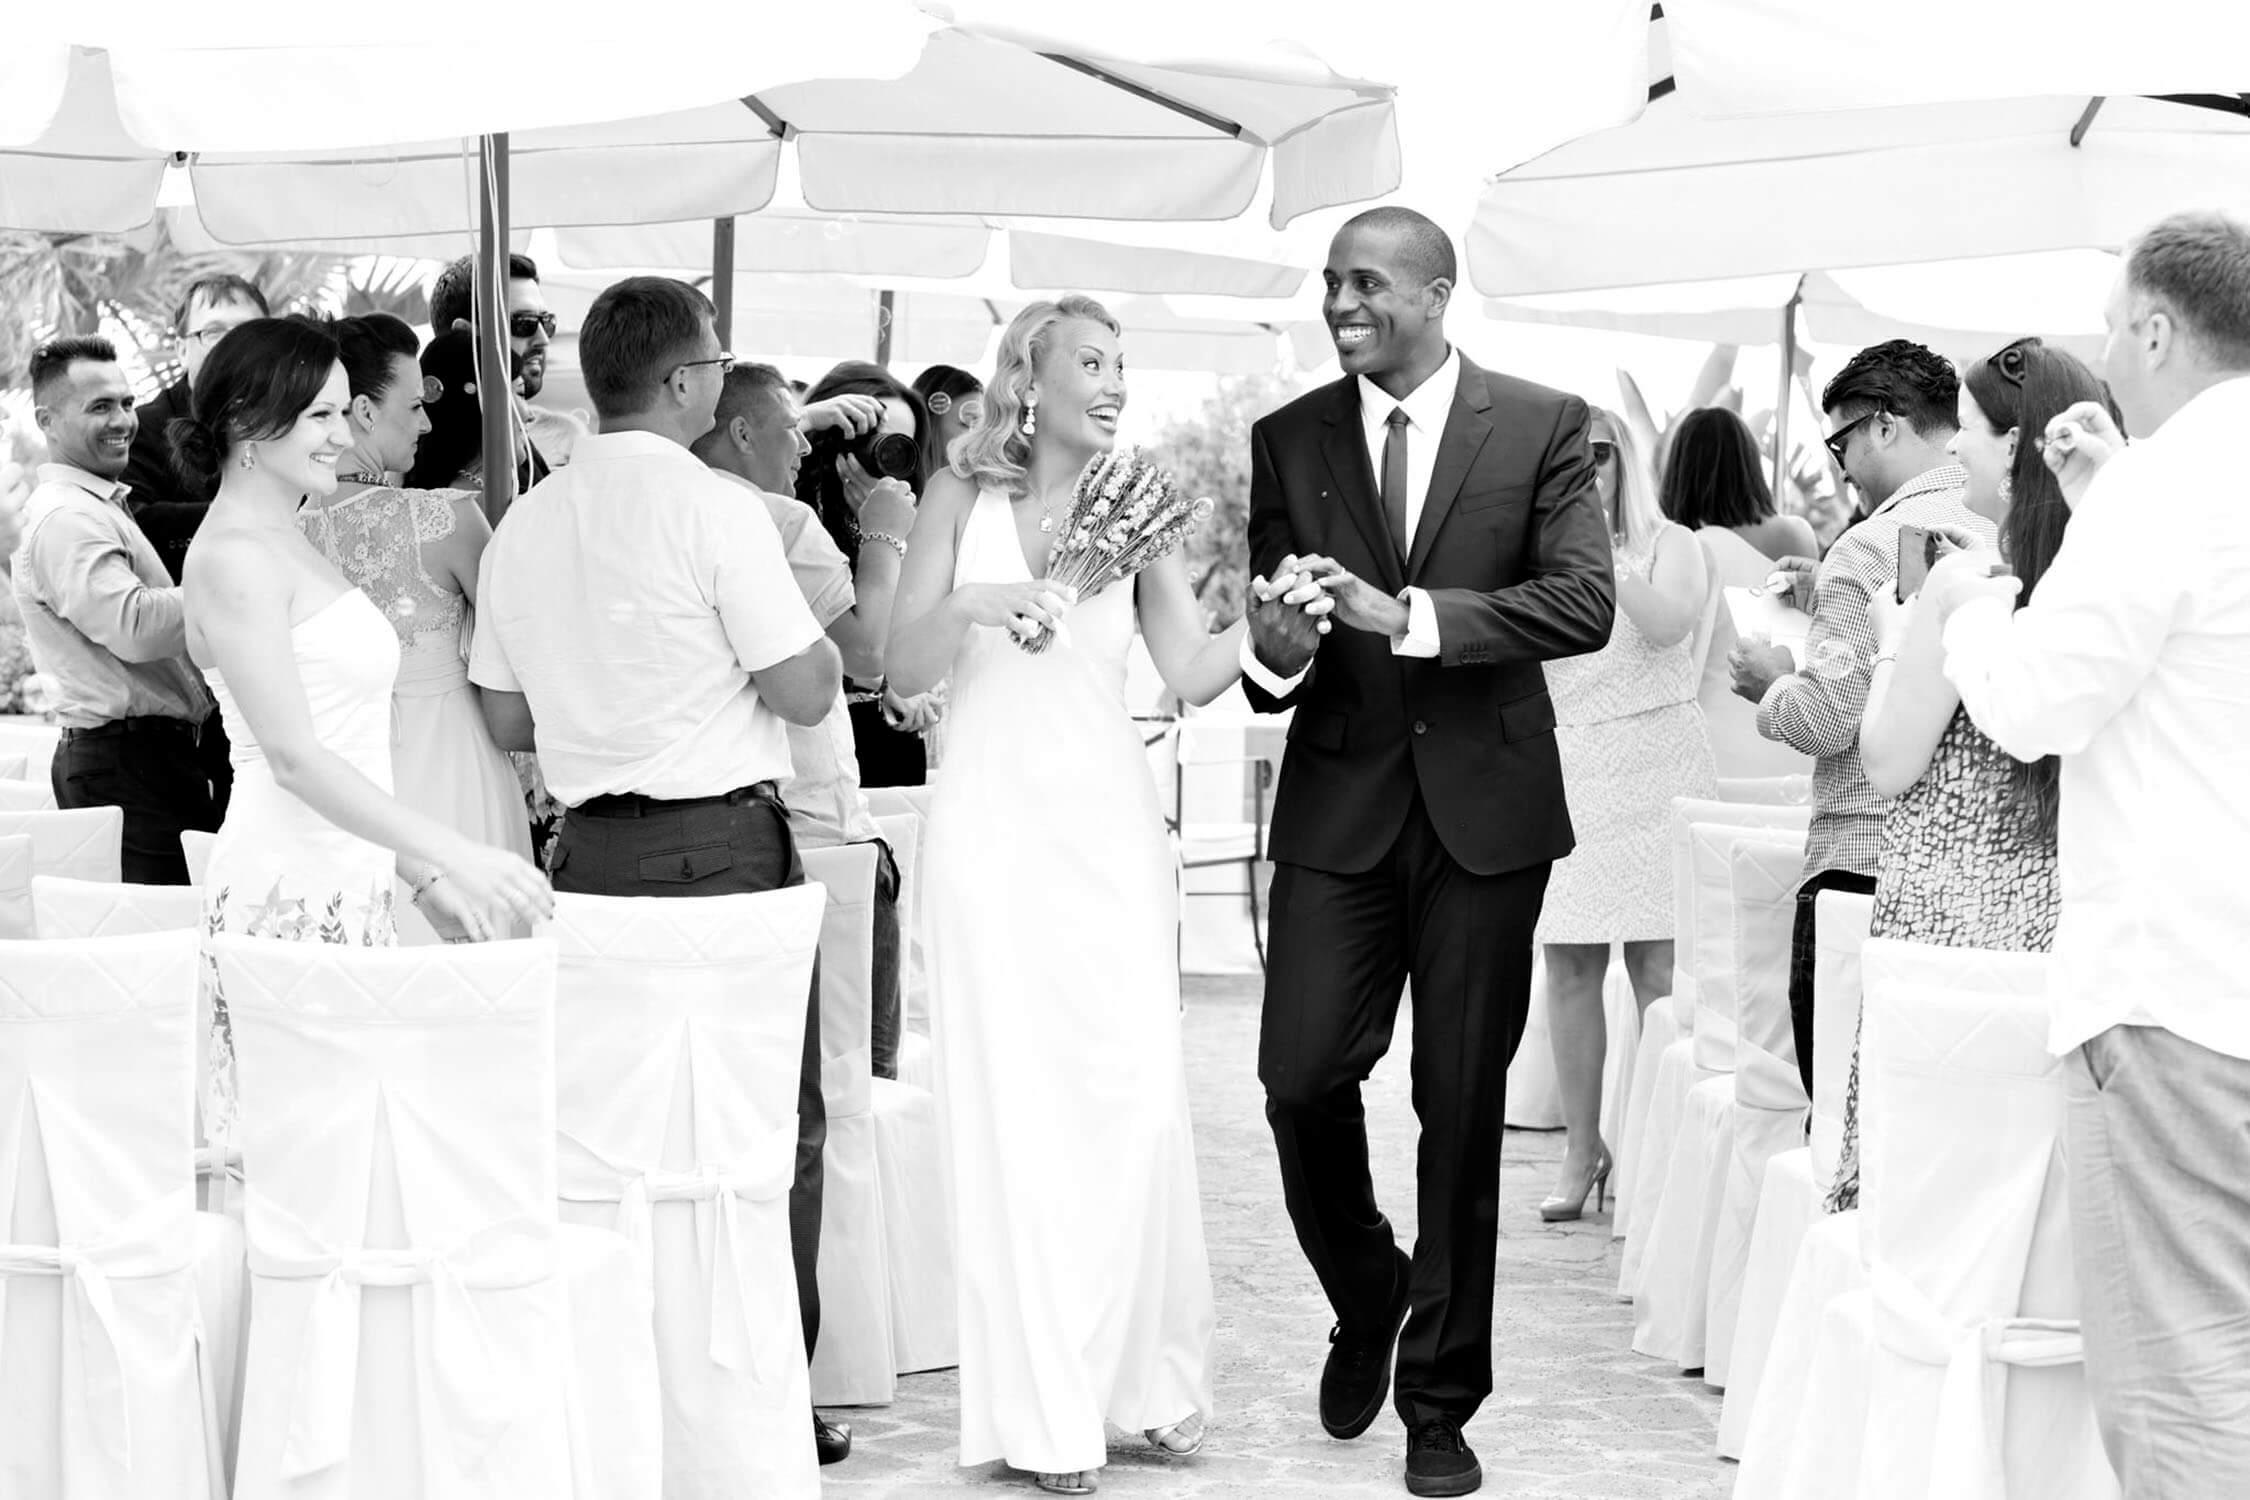 Matrimonio simbolico a Baglio Oneto, Marsala, Fotografia di Nino Lombardo per matrimonio in Sicilia Nino Lombardo